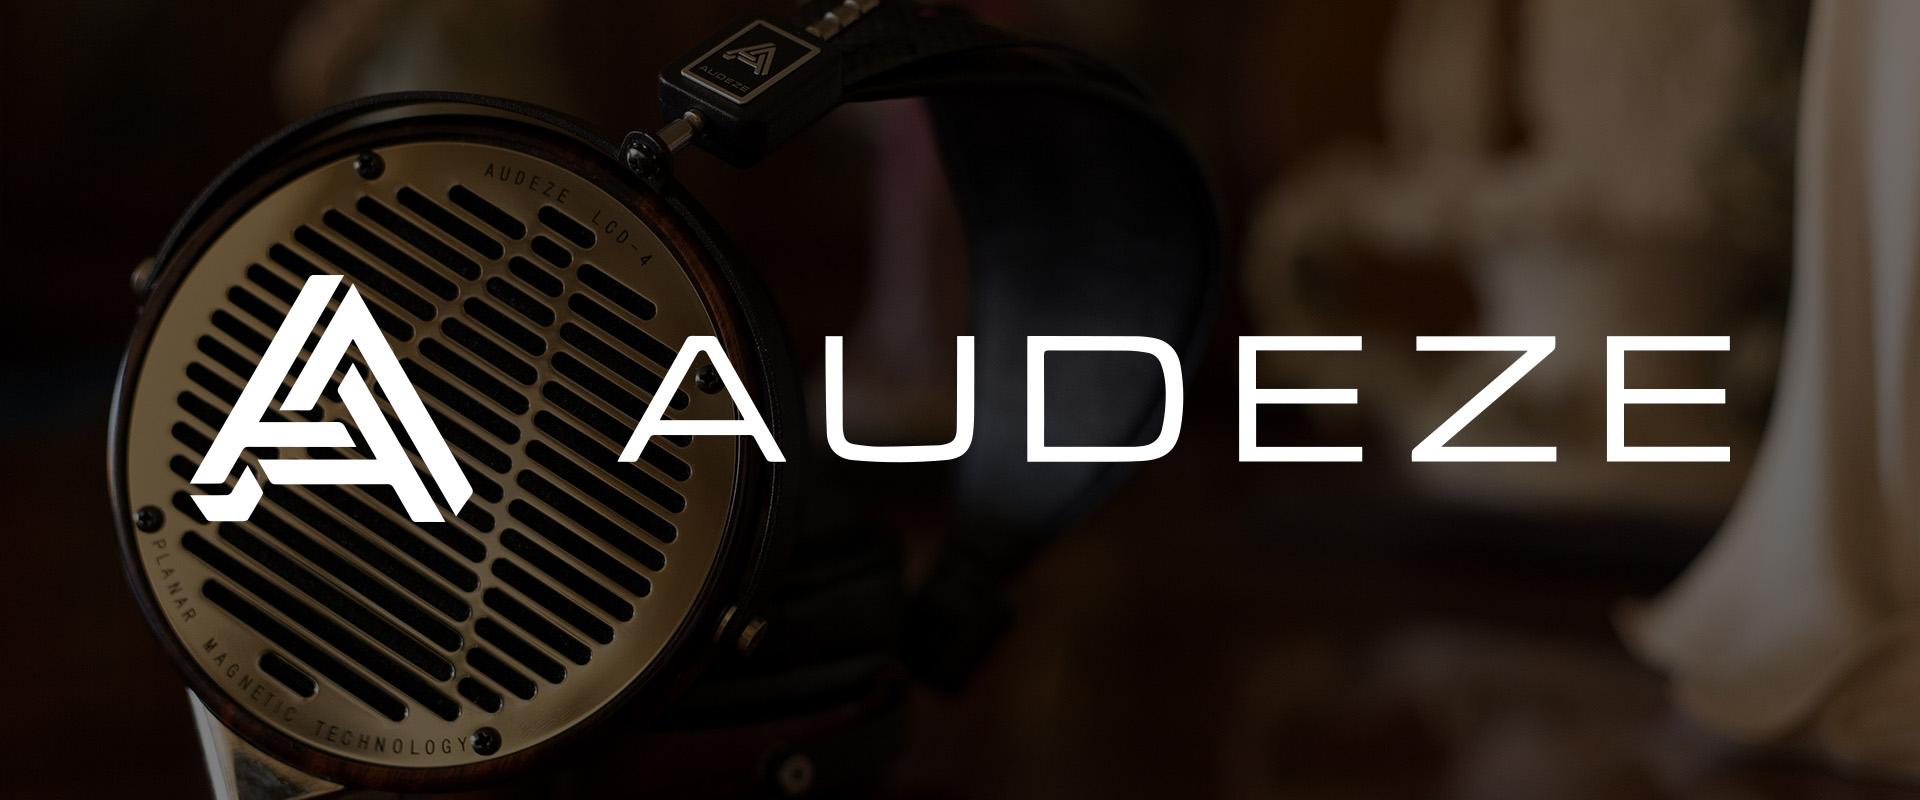 Audeze - Chattelin Audio Systems